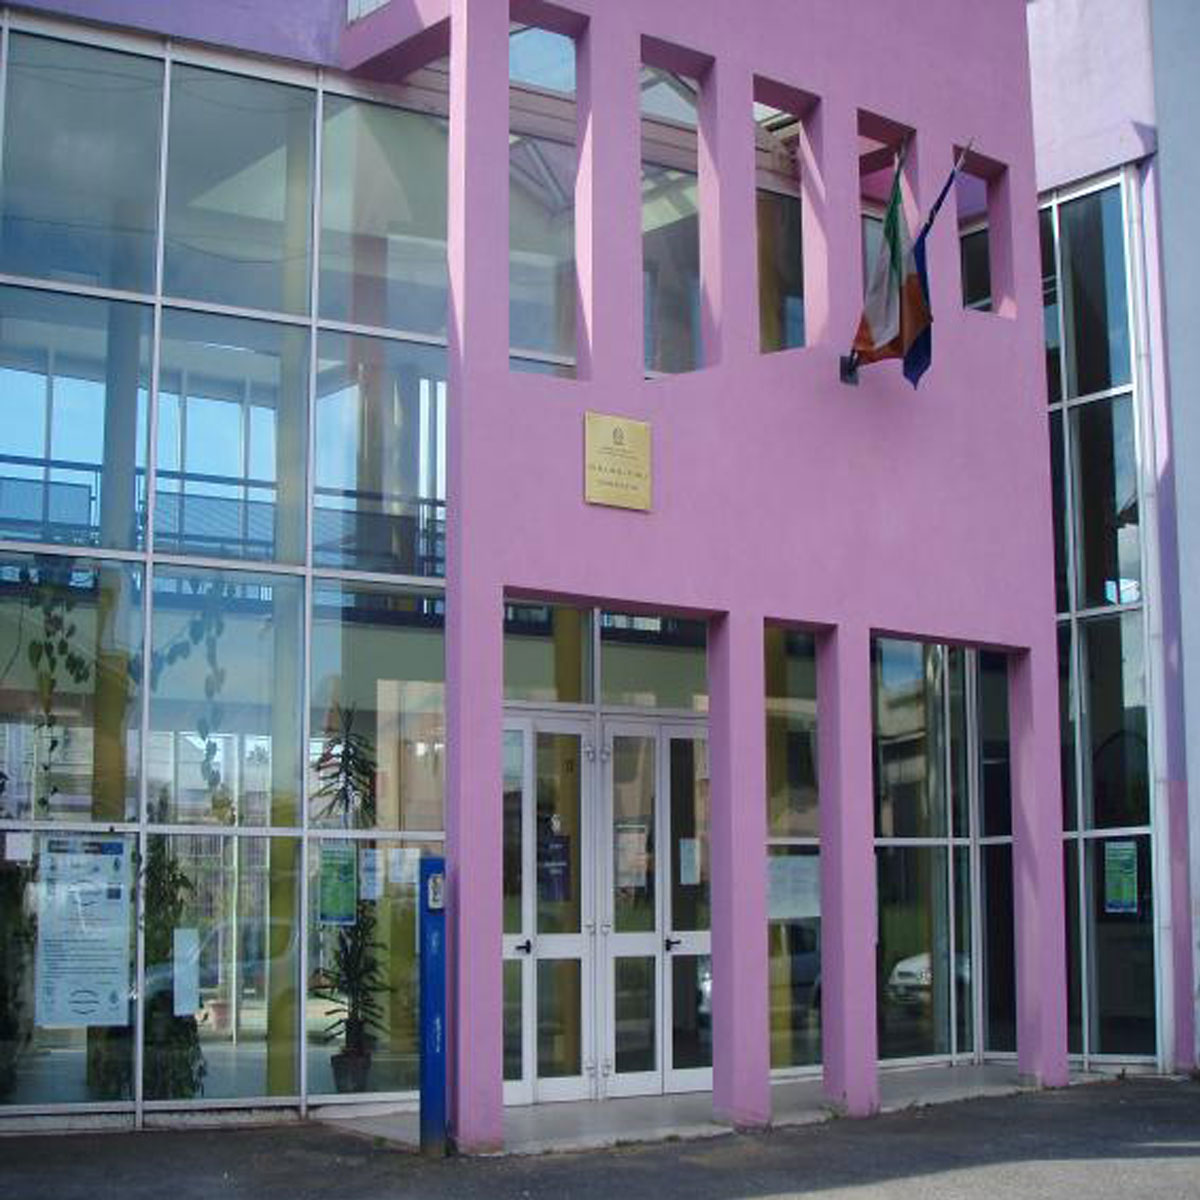 Corso di informatica a Villanova di Guidonia - WiFi ...